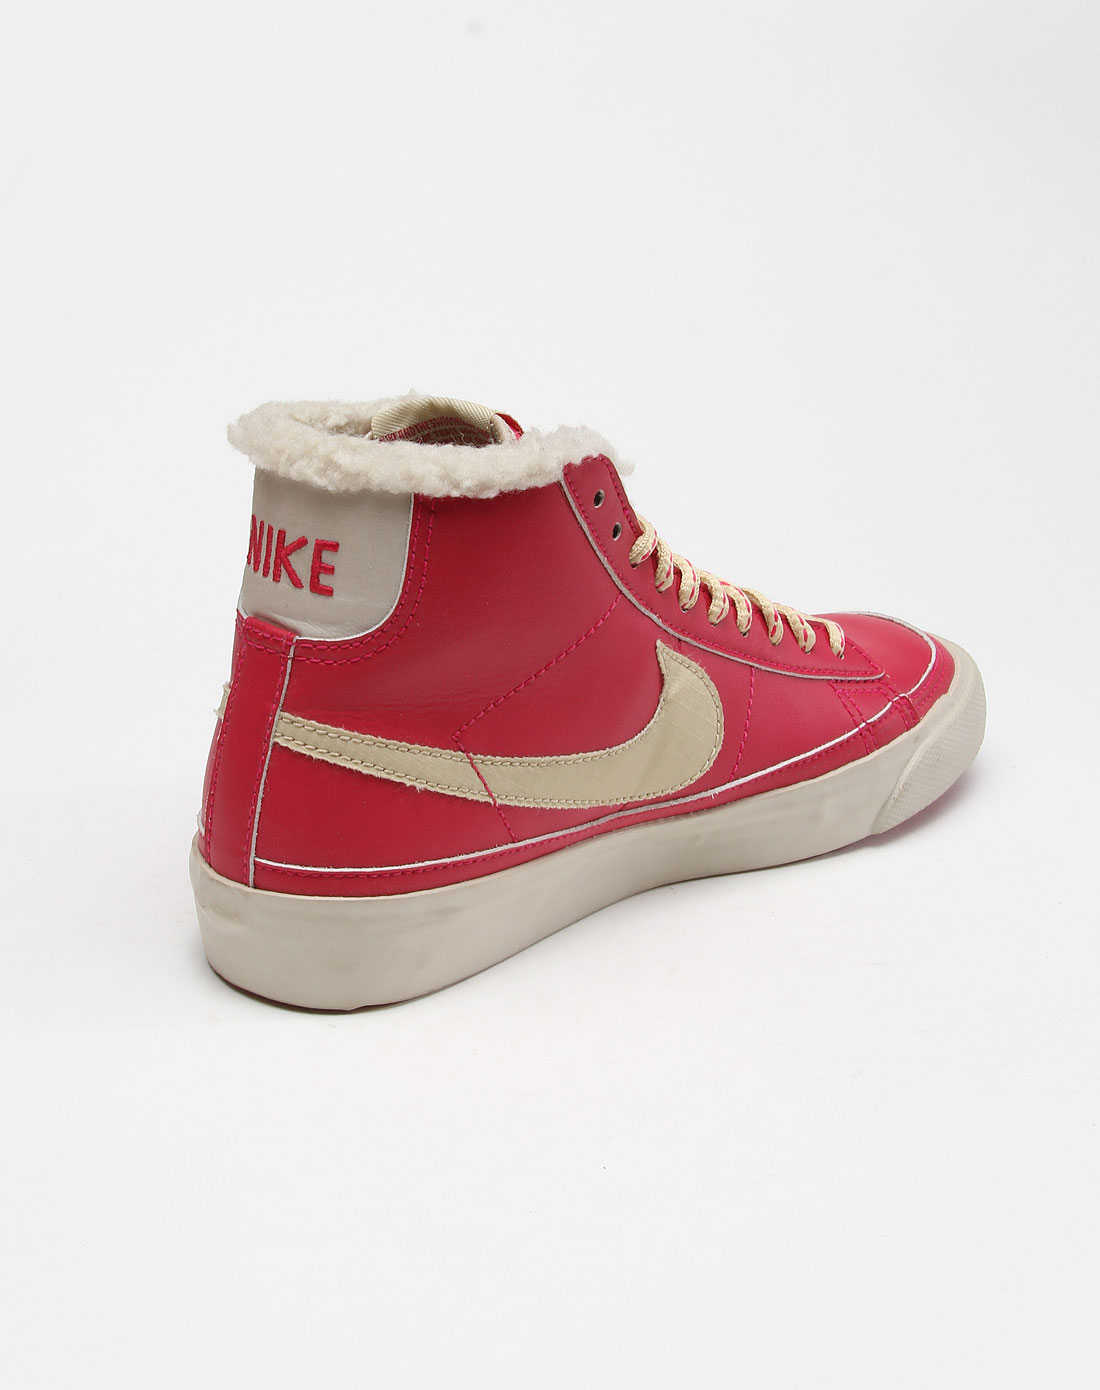 耐克nike男女鞋-经典专场玫红色经典款淑女休闲板鞋